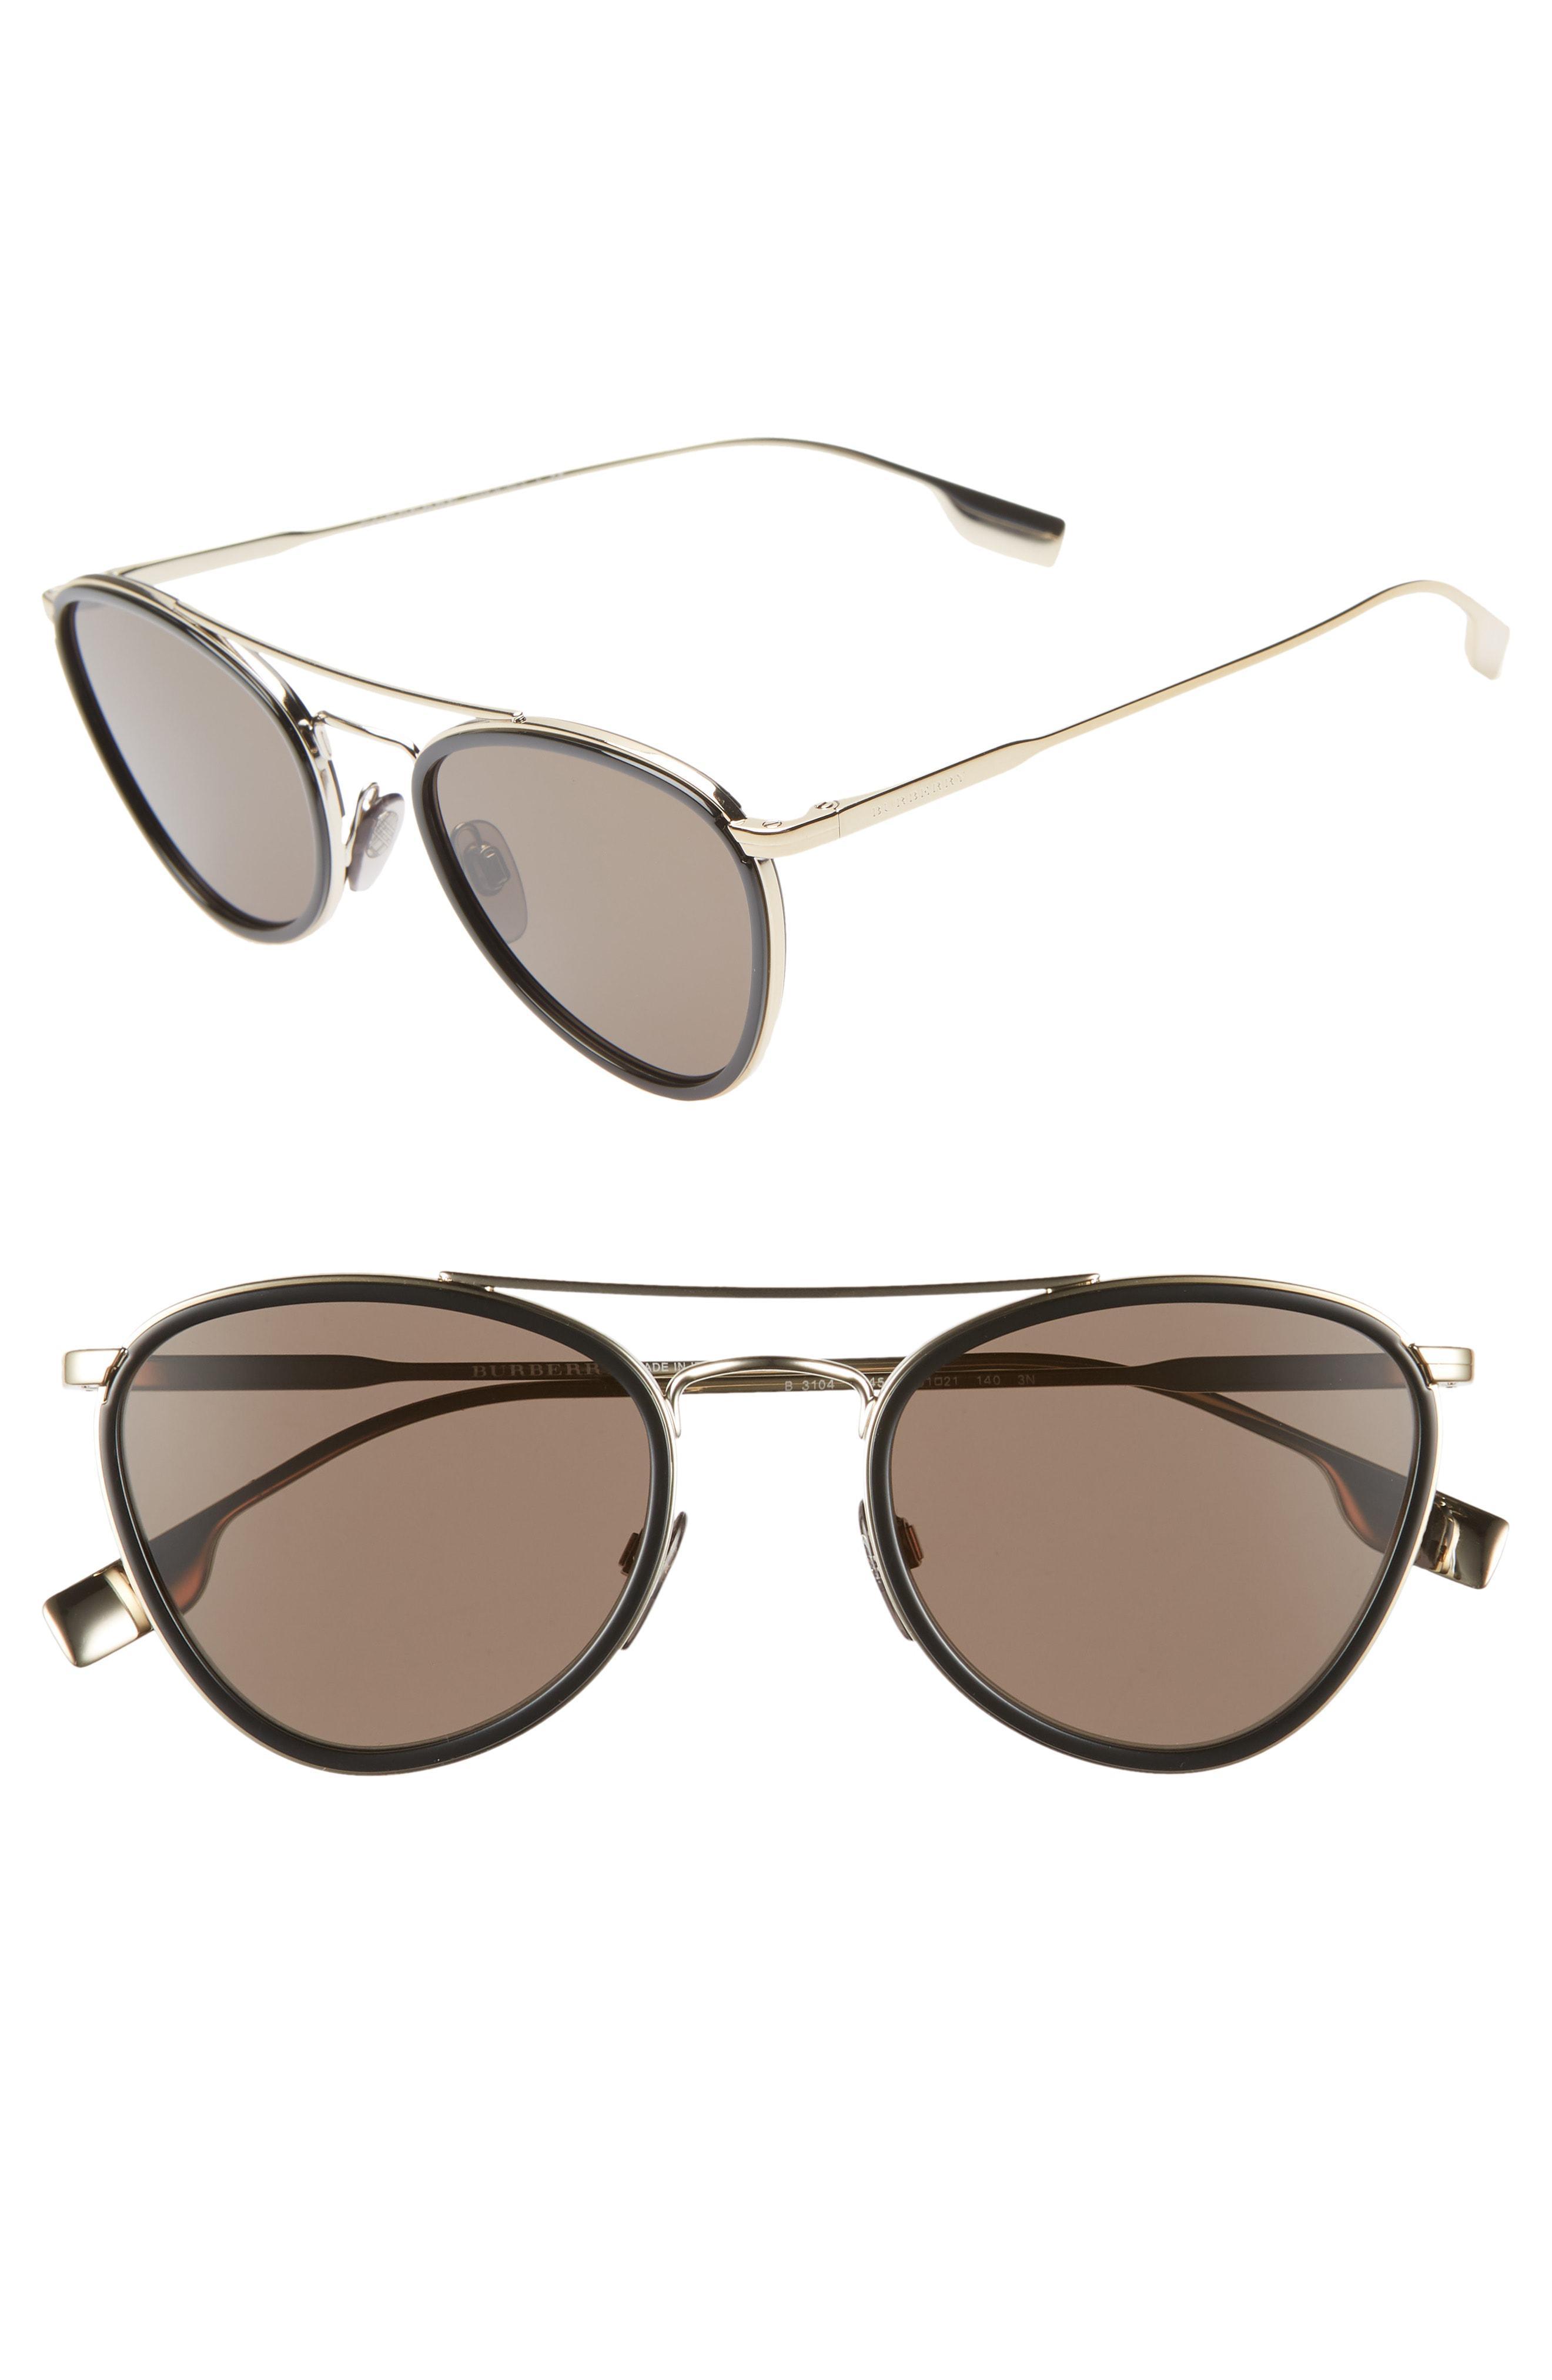 9d56c2852e Burberry. Women s 51mm Aviator Sunglasses -